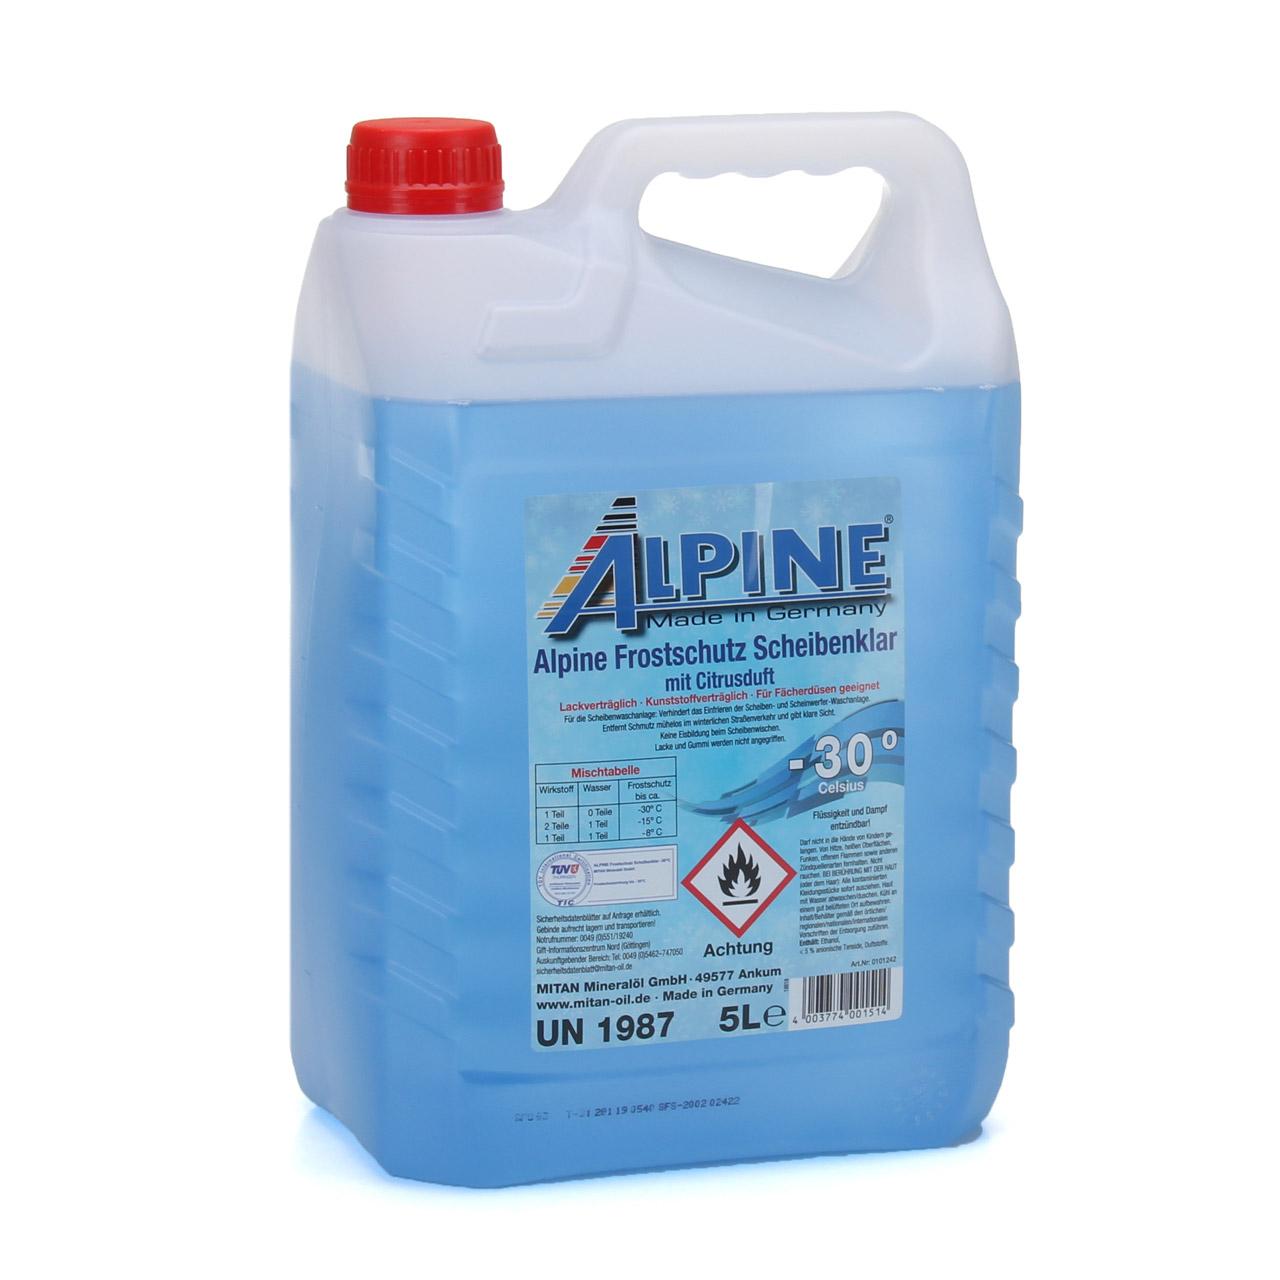 ALPINE Frostschutz SCHEIBENKLAR Scheibenfrostschutz Gebrauchsfertig -30°C 5 L